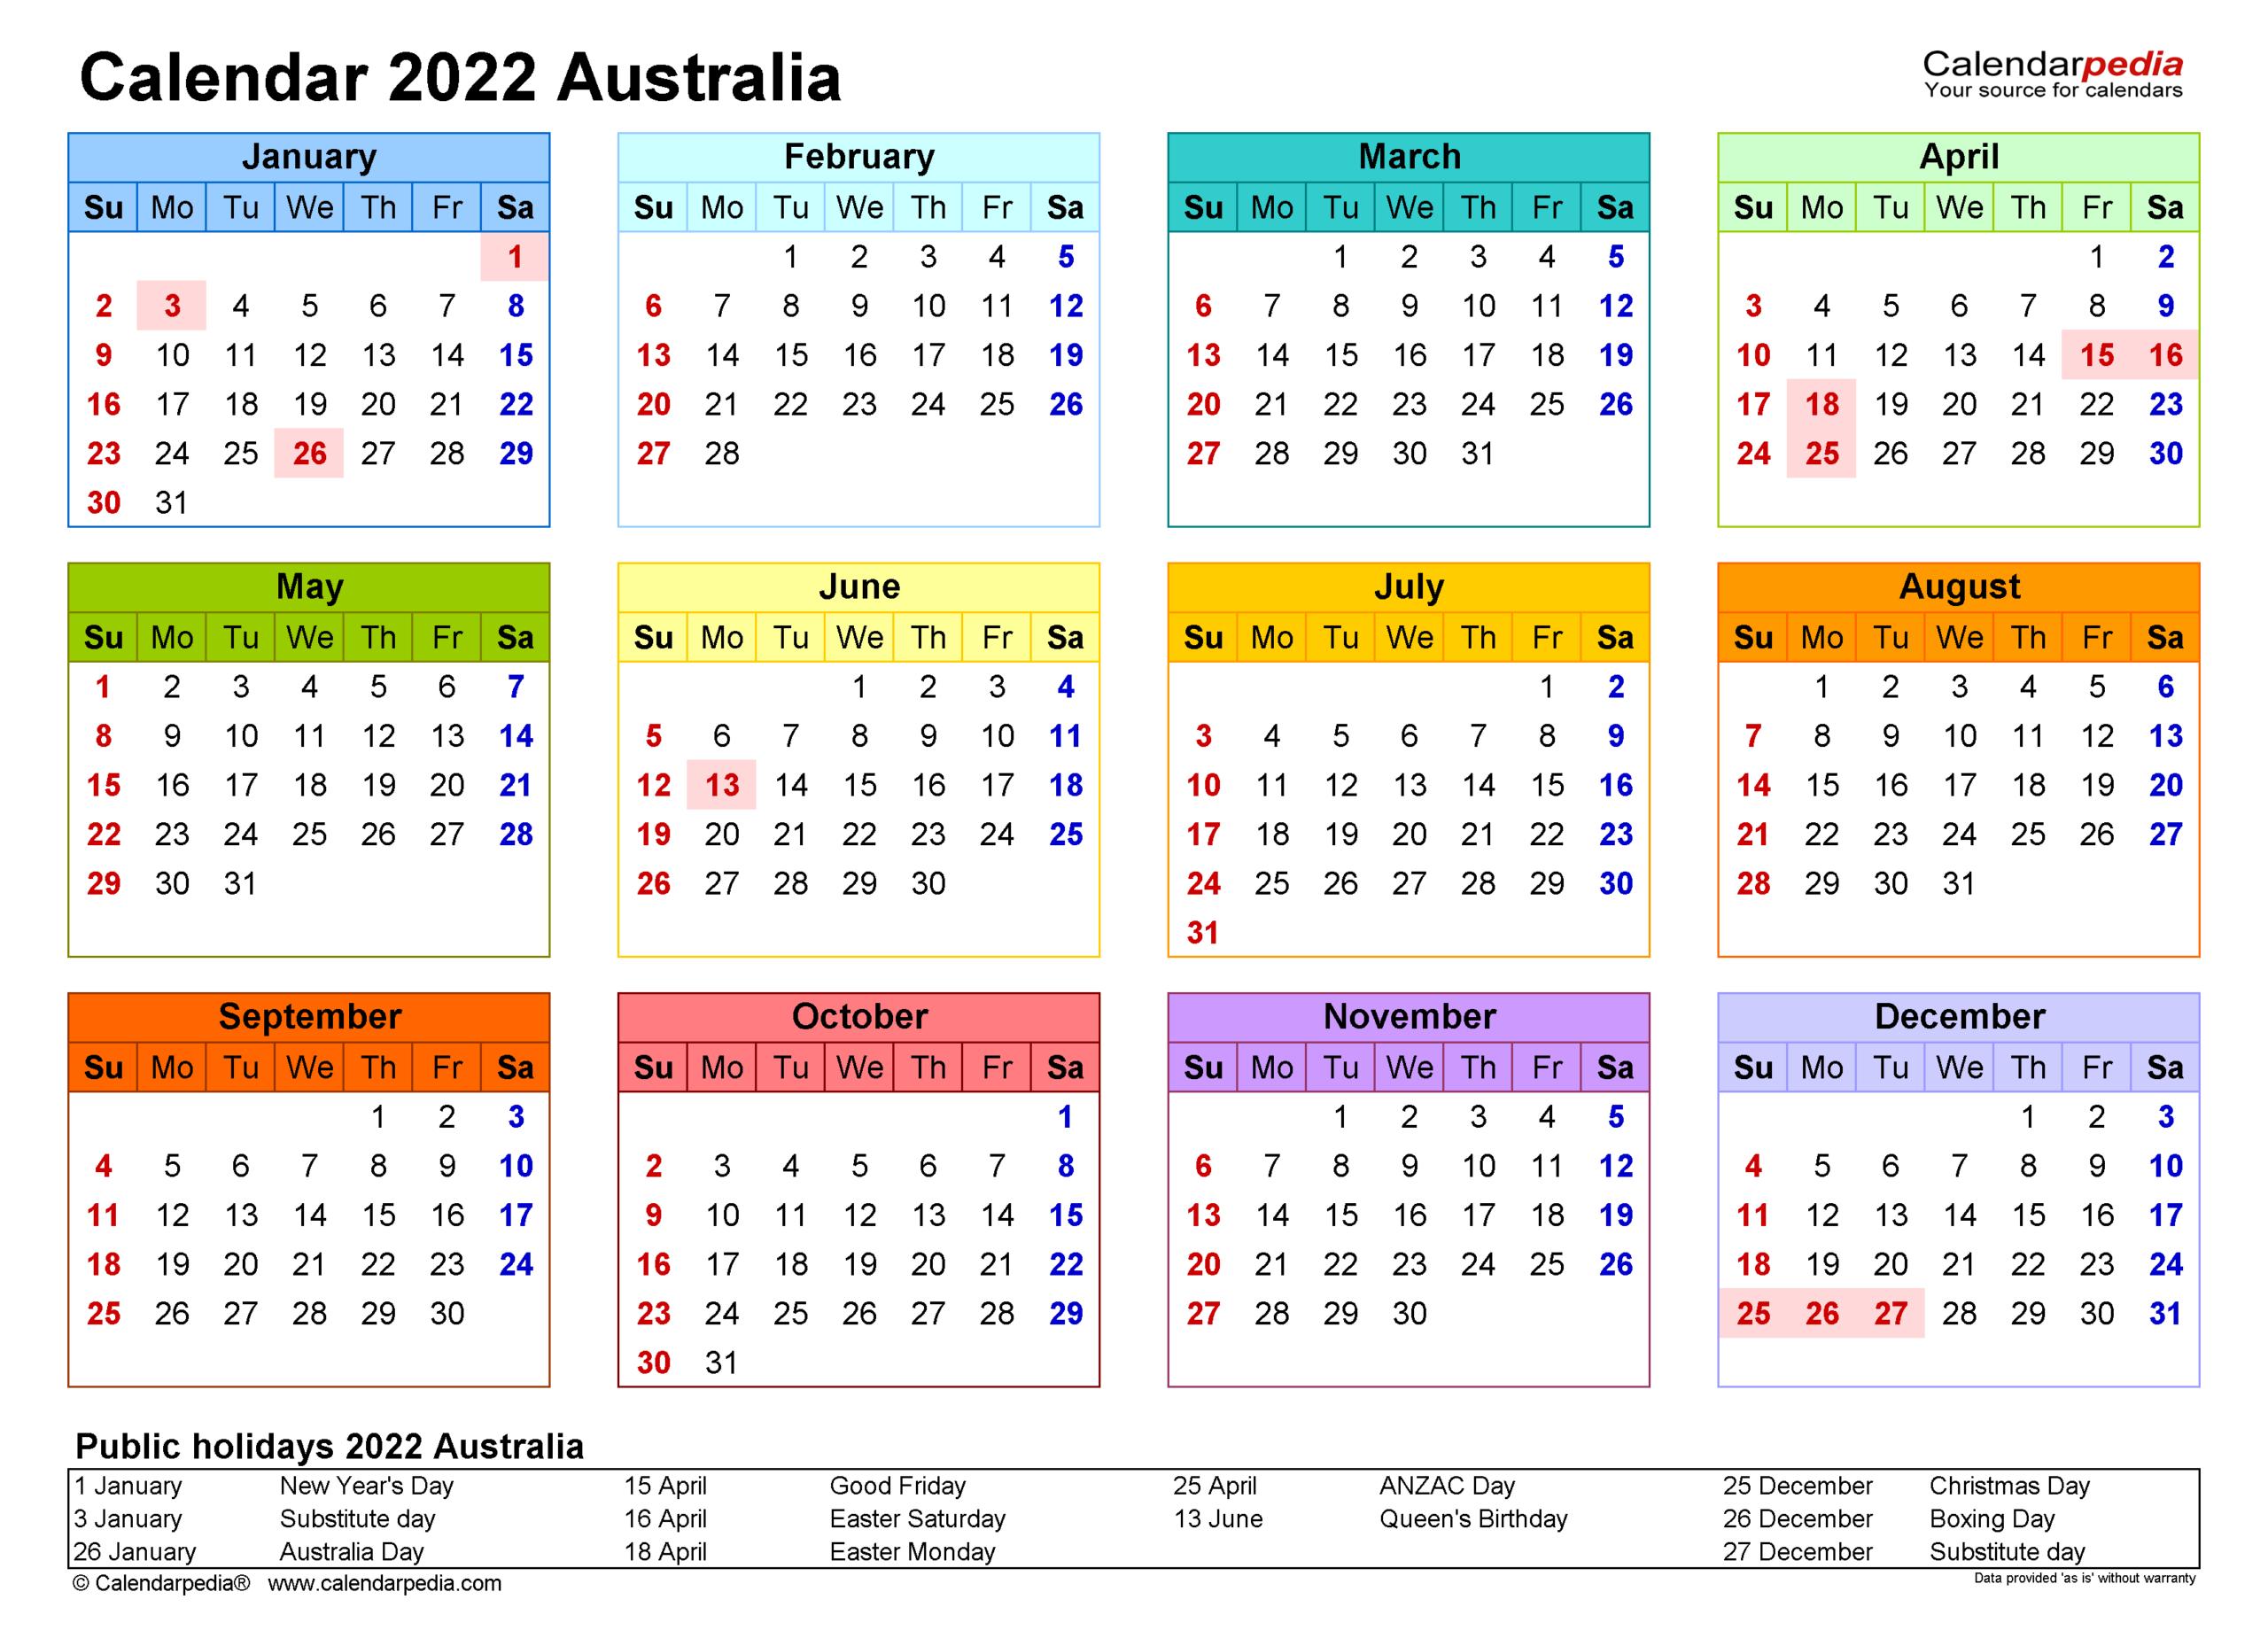 2022 カレンダー 2022 カレンダー 祝日 ~ 無料の印刷可能な資料